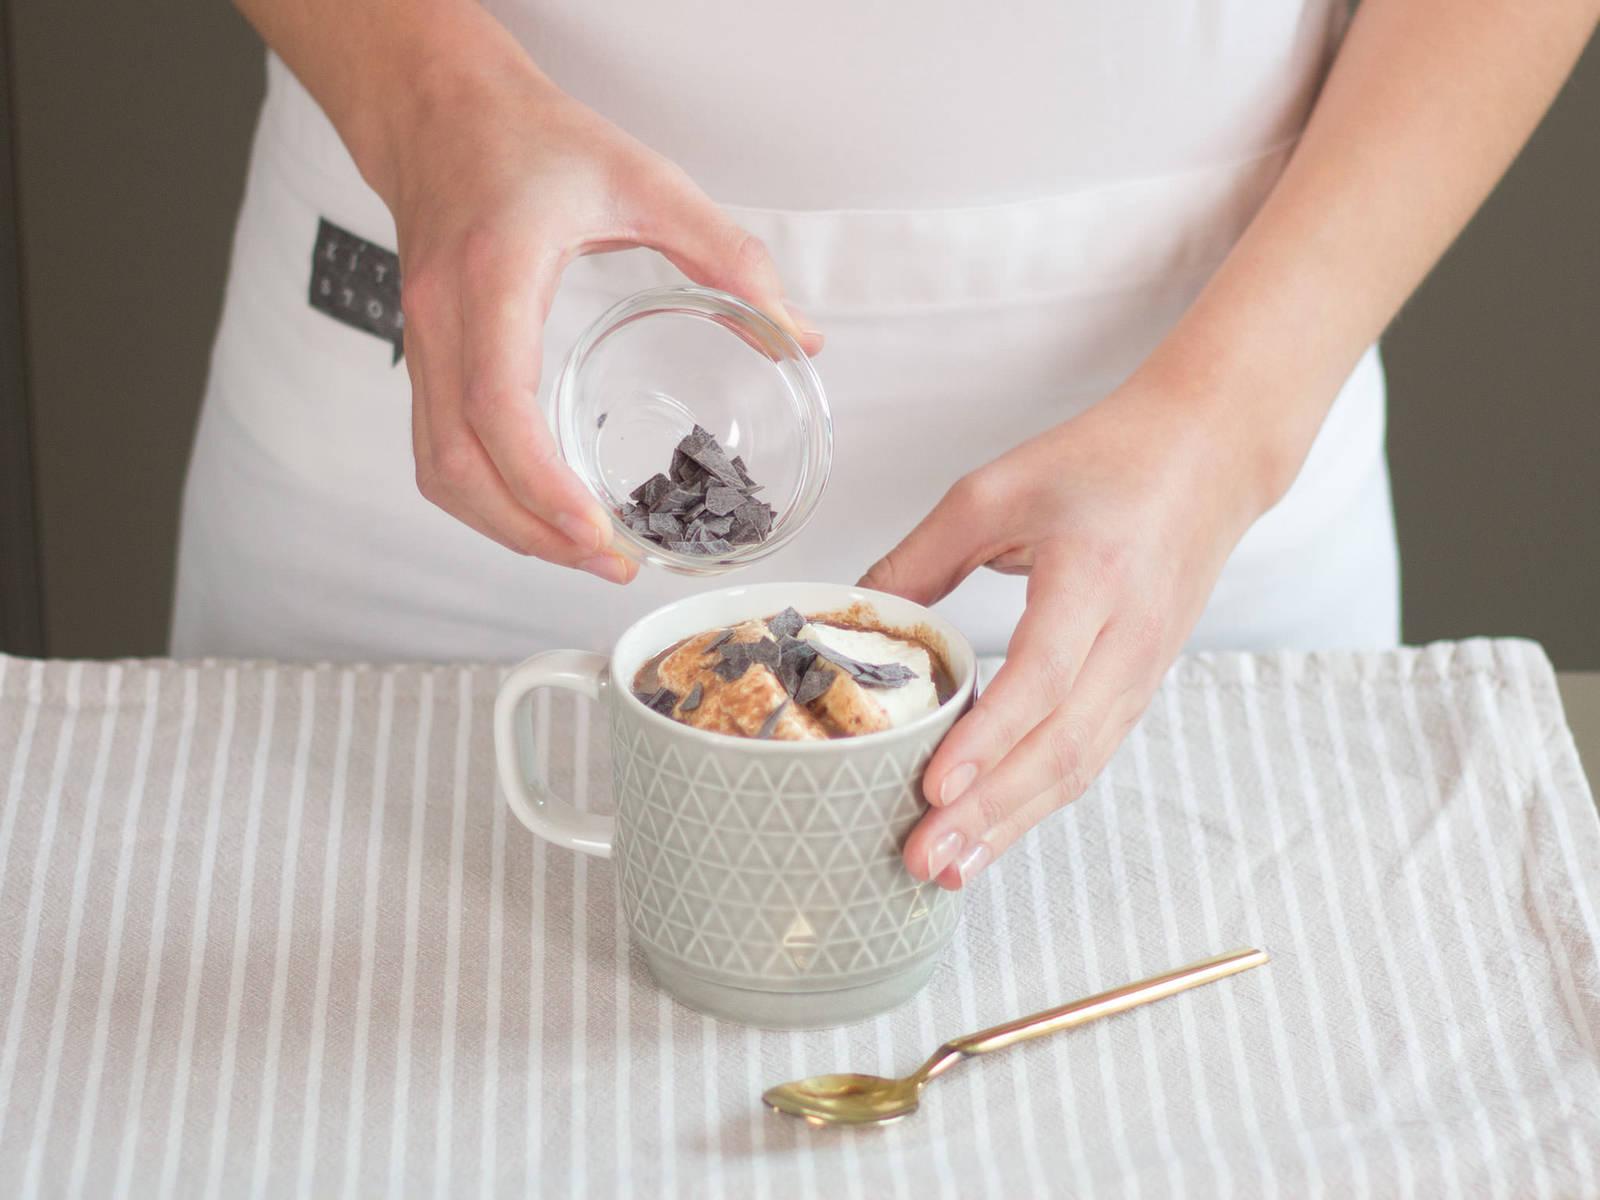 Sternanis und Nelken entfernen. Heiße Schokolade in Becher gießen, mit Schlagsahne garnieren und mit Schokoladenraspeln bestreut genießen.